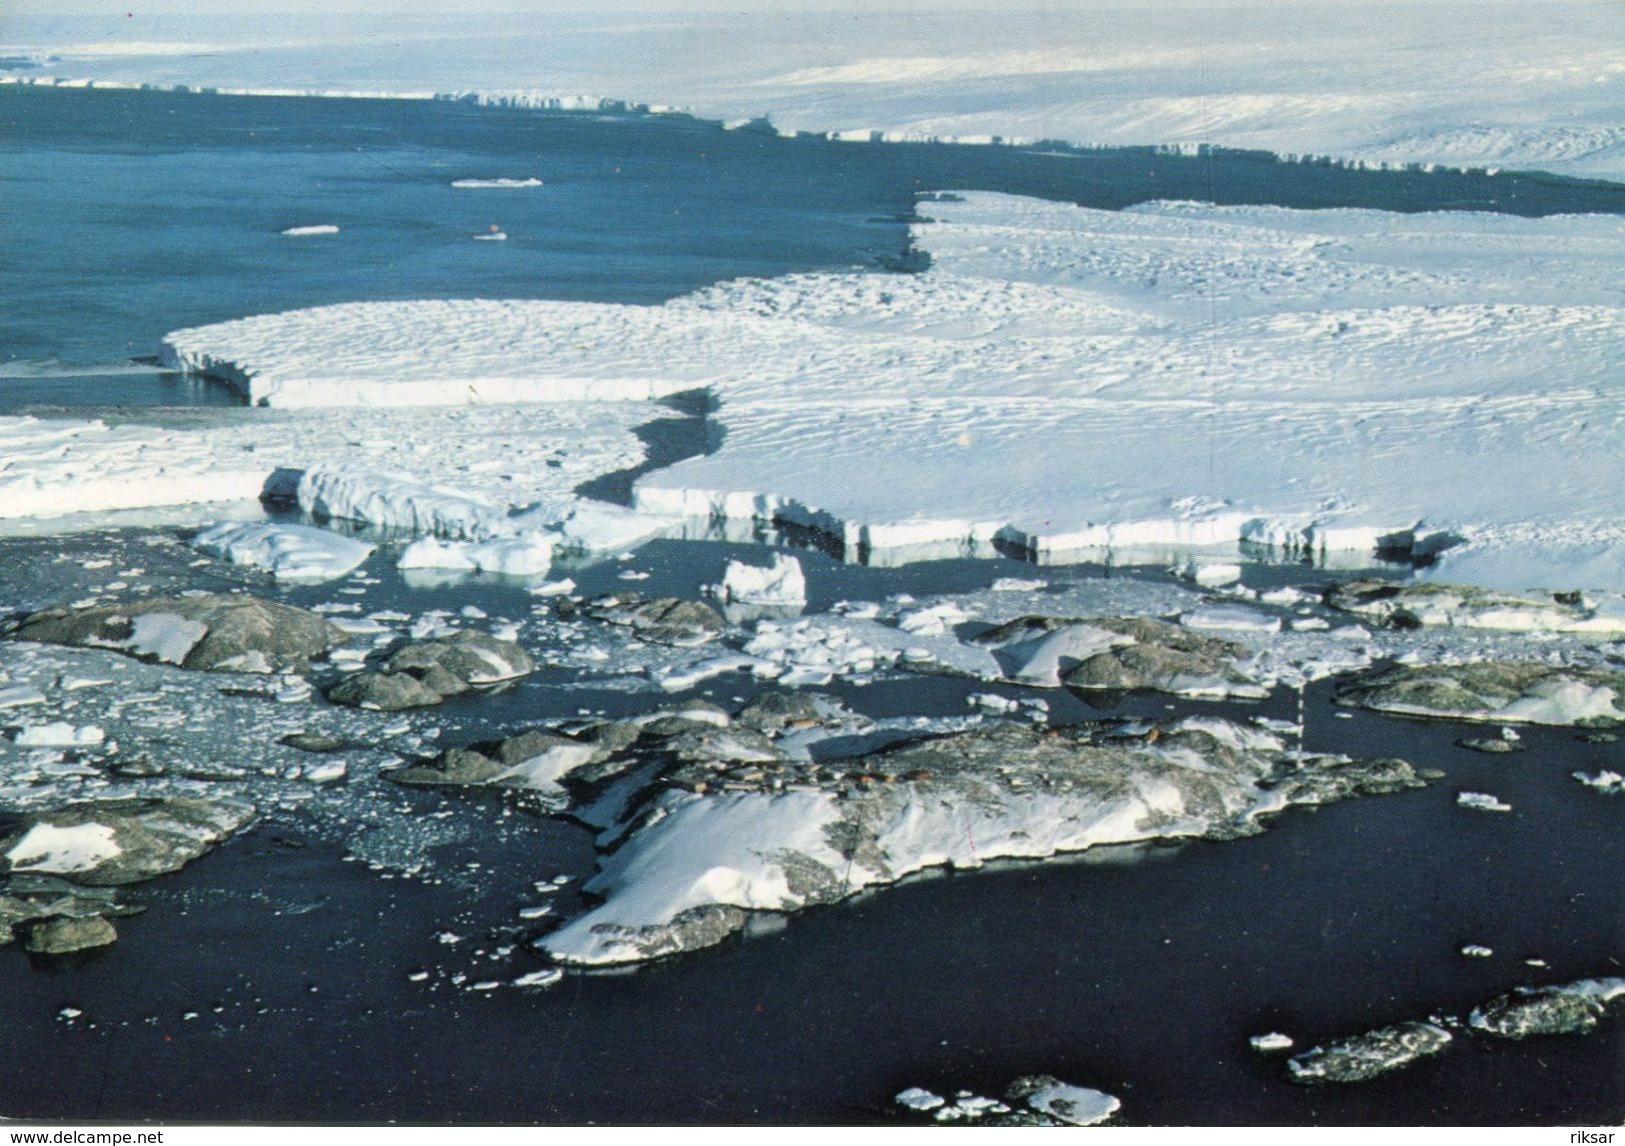 TAAF - TAAF : Terres Australes Antarctiques Françaises